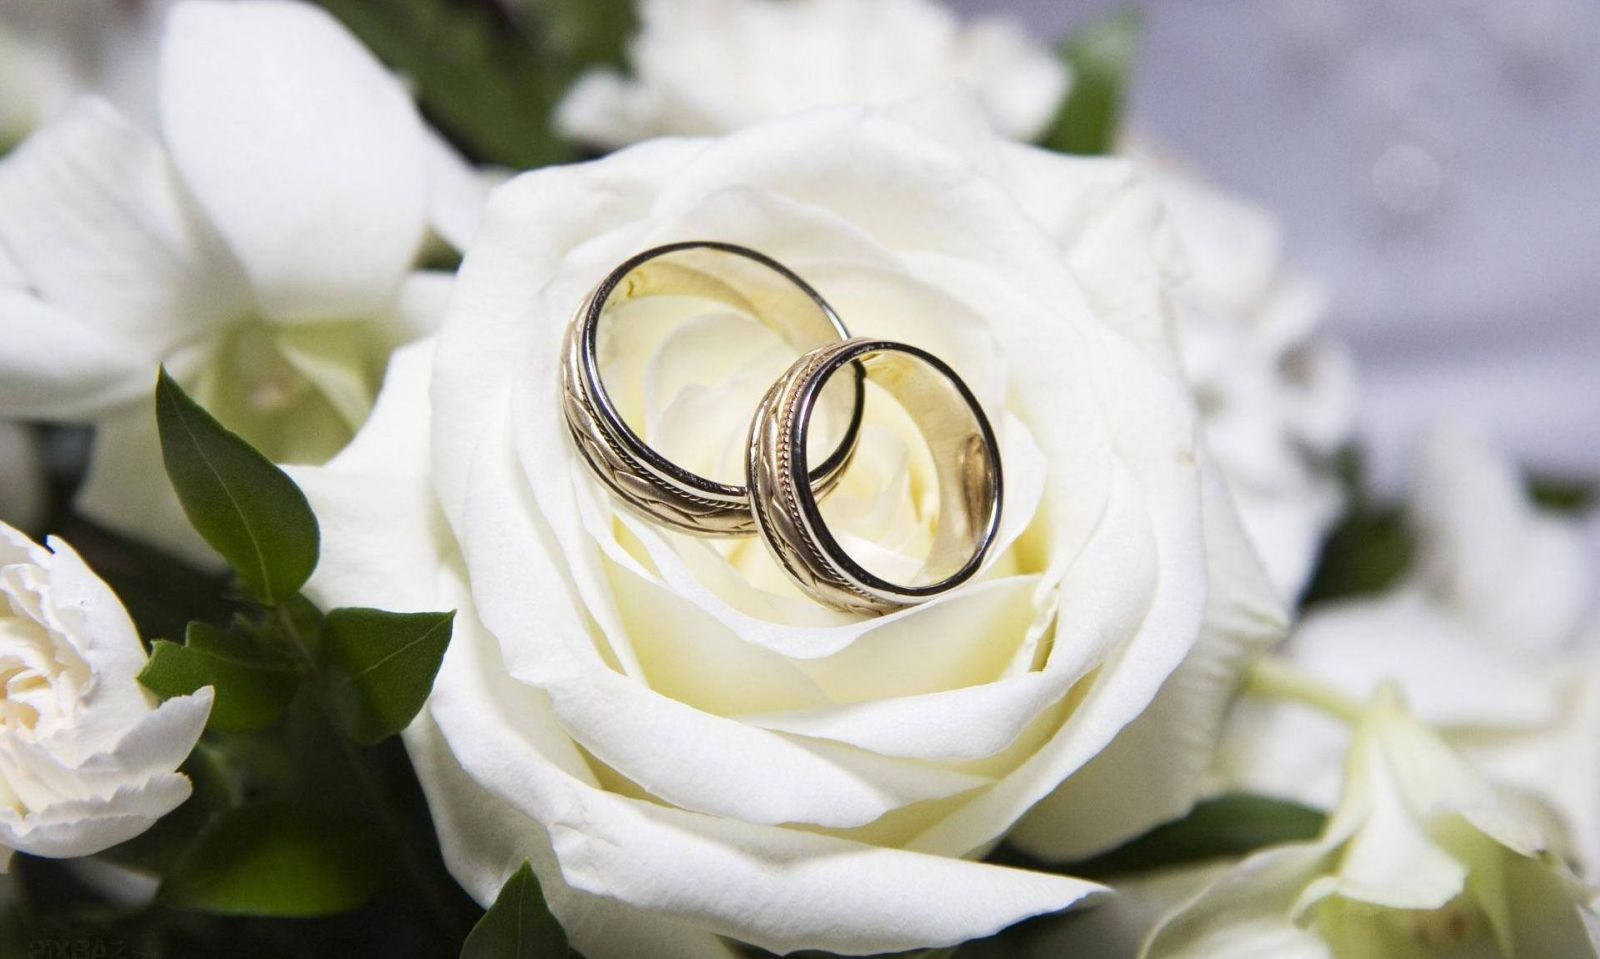 IMG09030903(1) - ۱۵ سال بلاتکلیفی برای اجرای قانون«تسهیل ازدواج»/بختی که قرار نیست باز شود